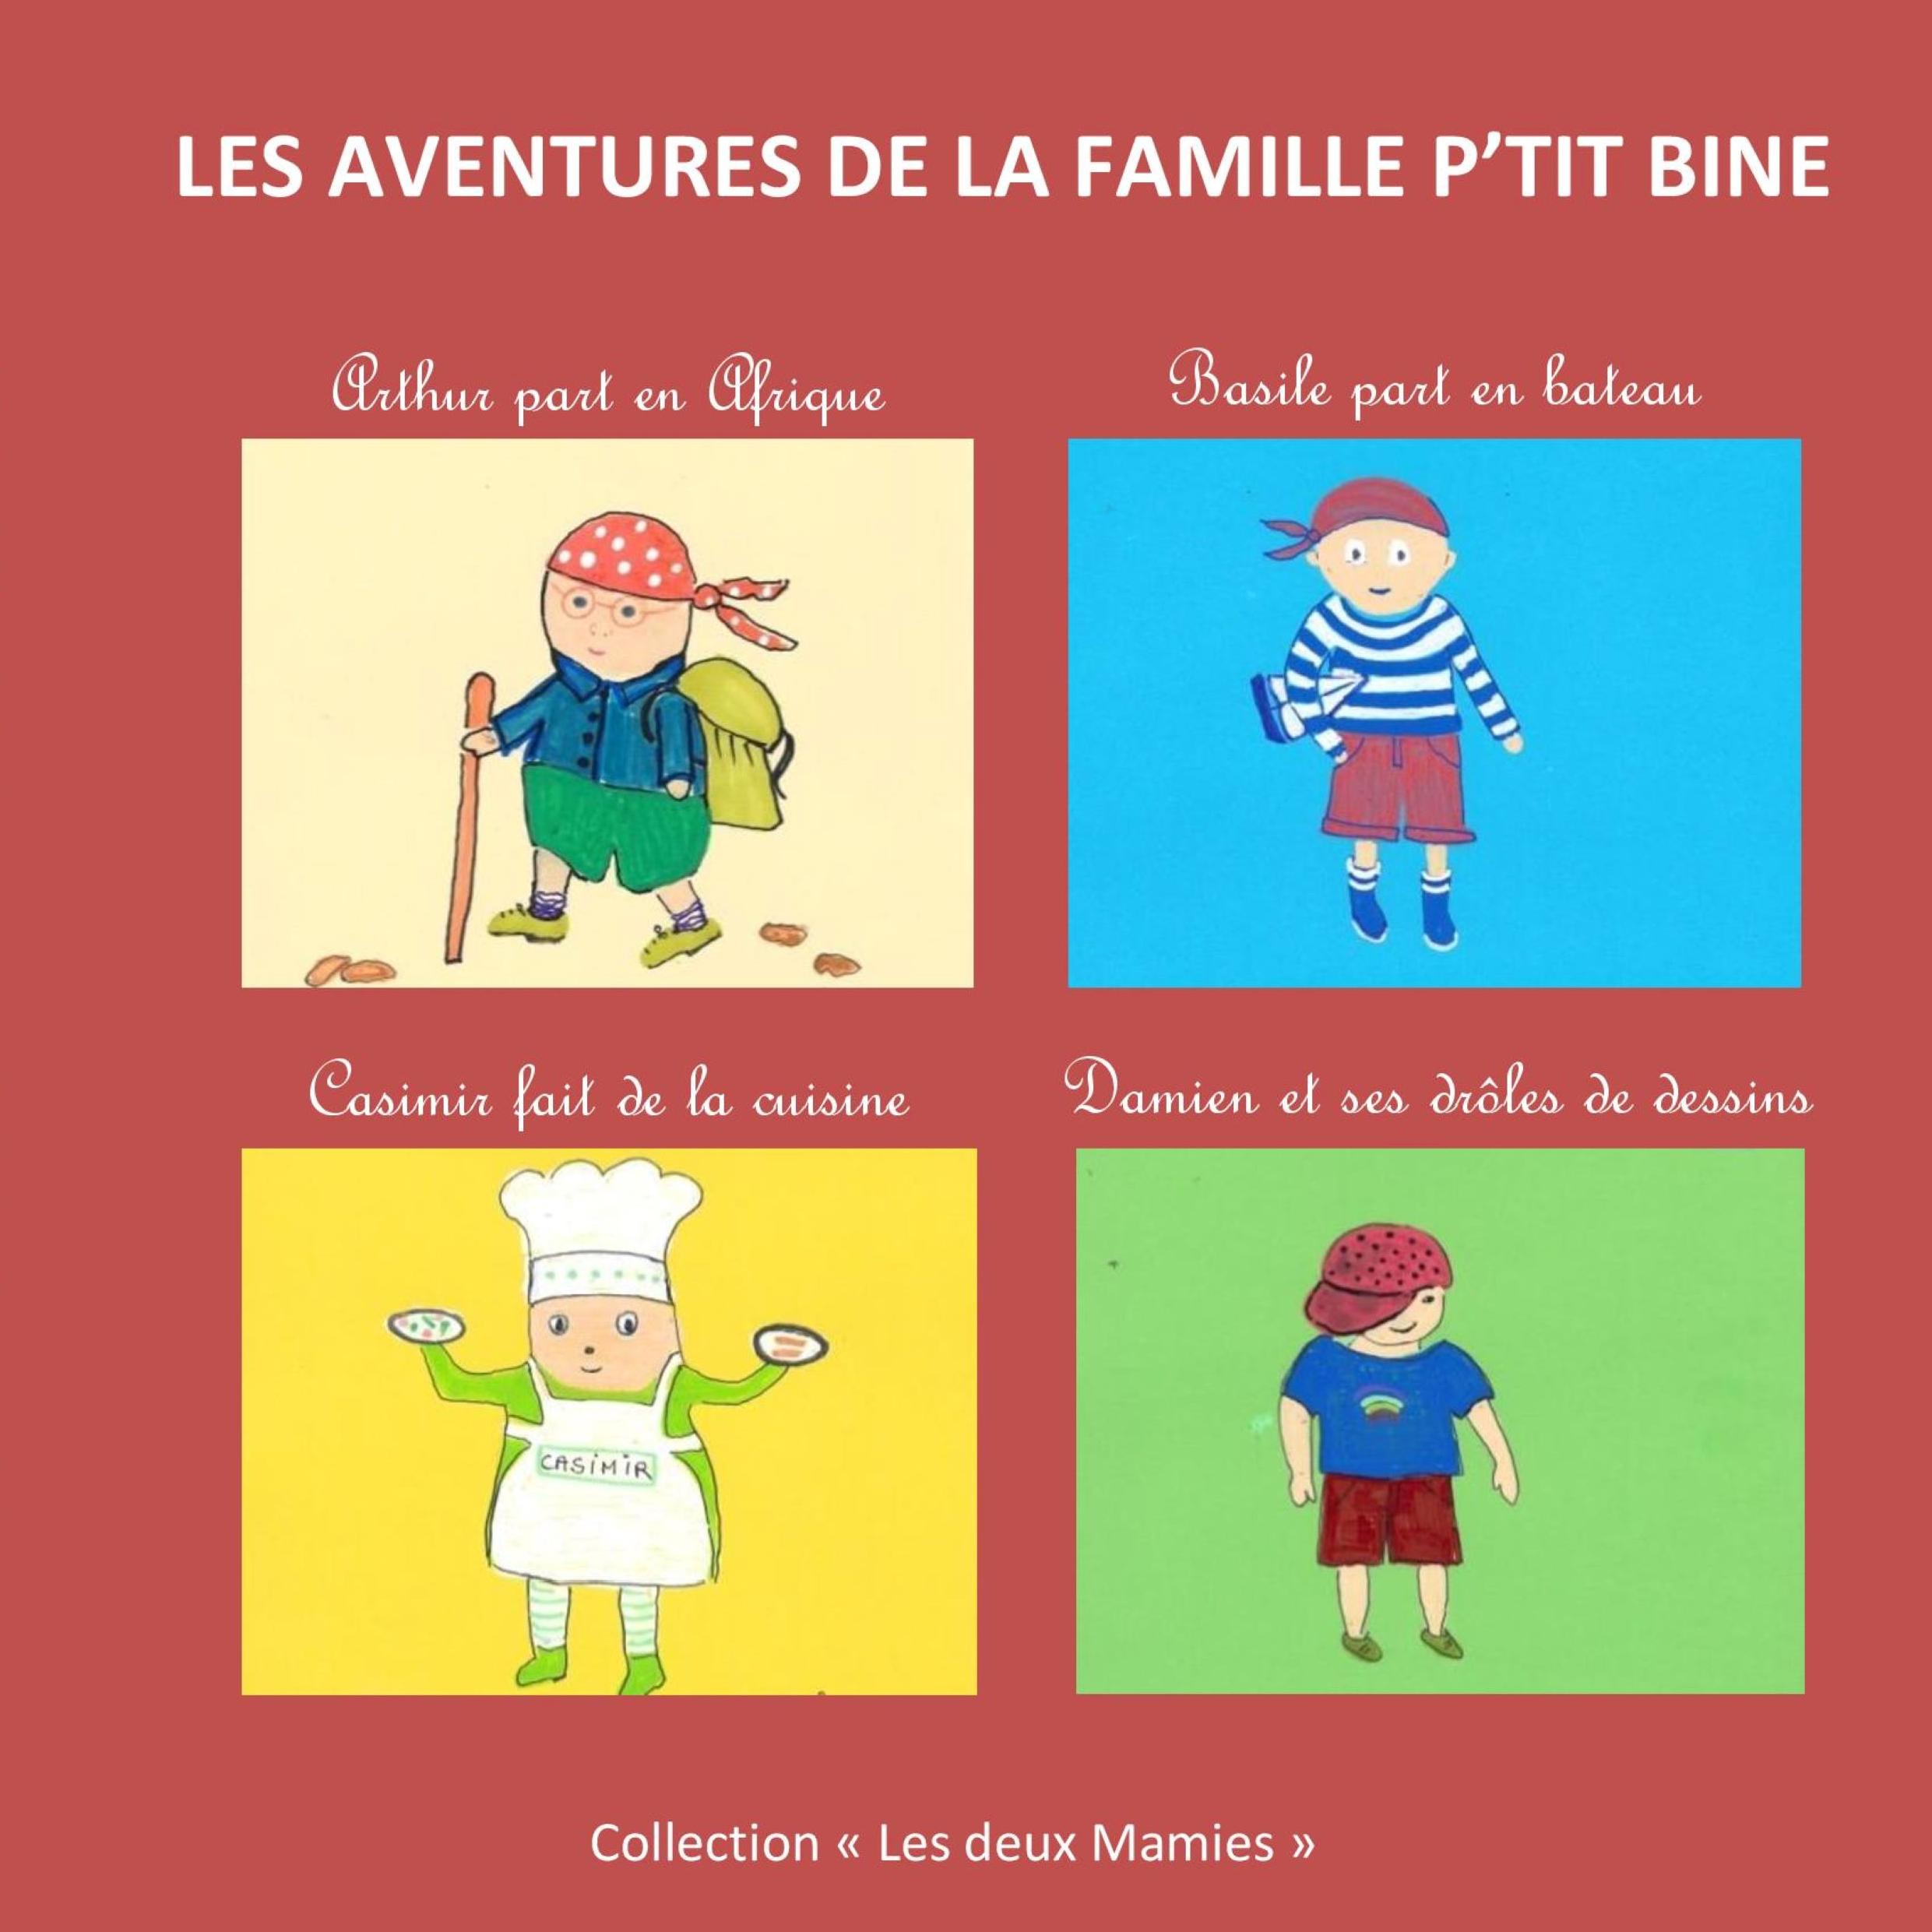 Les aventures de la famille P'tit Bine